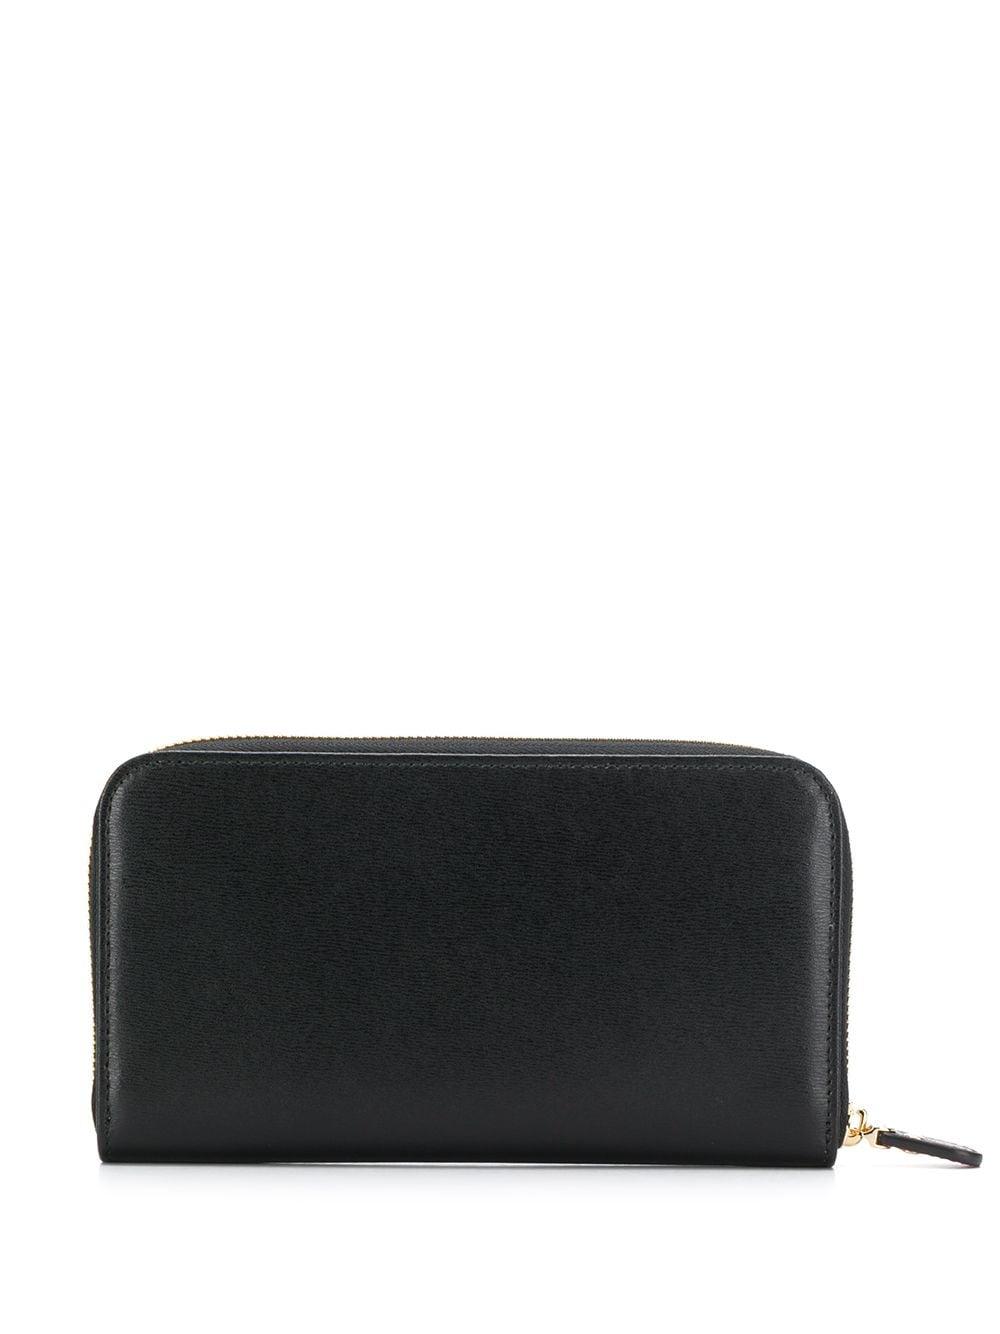 Picture of Ferragamo   Gancini Zip-Around Wallet